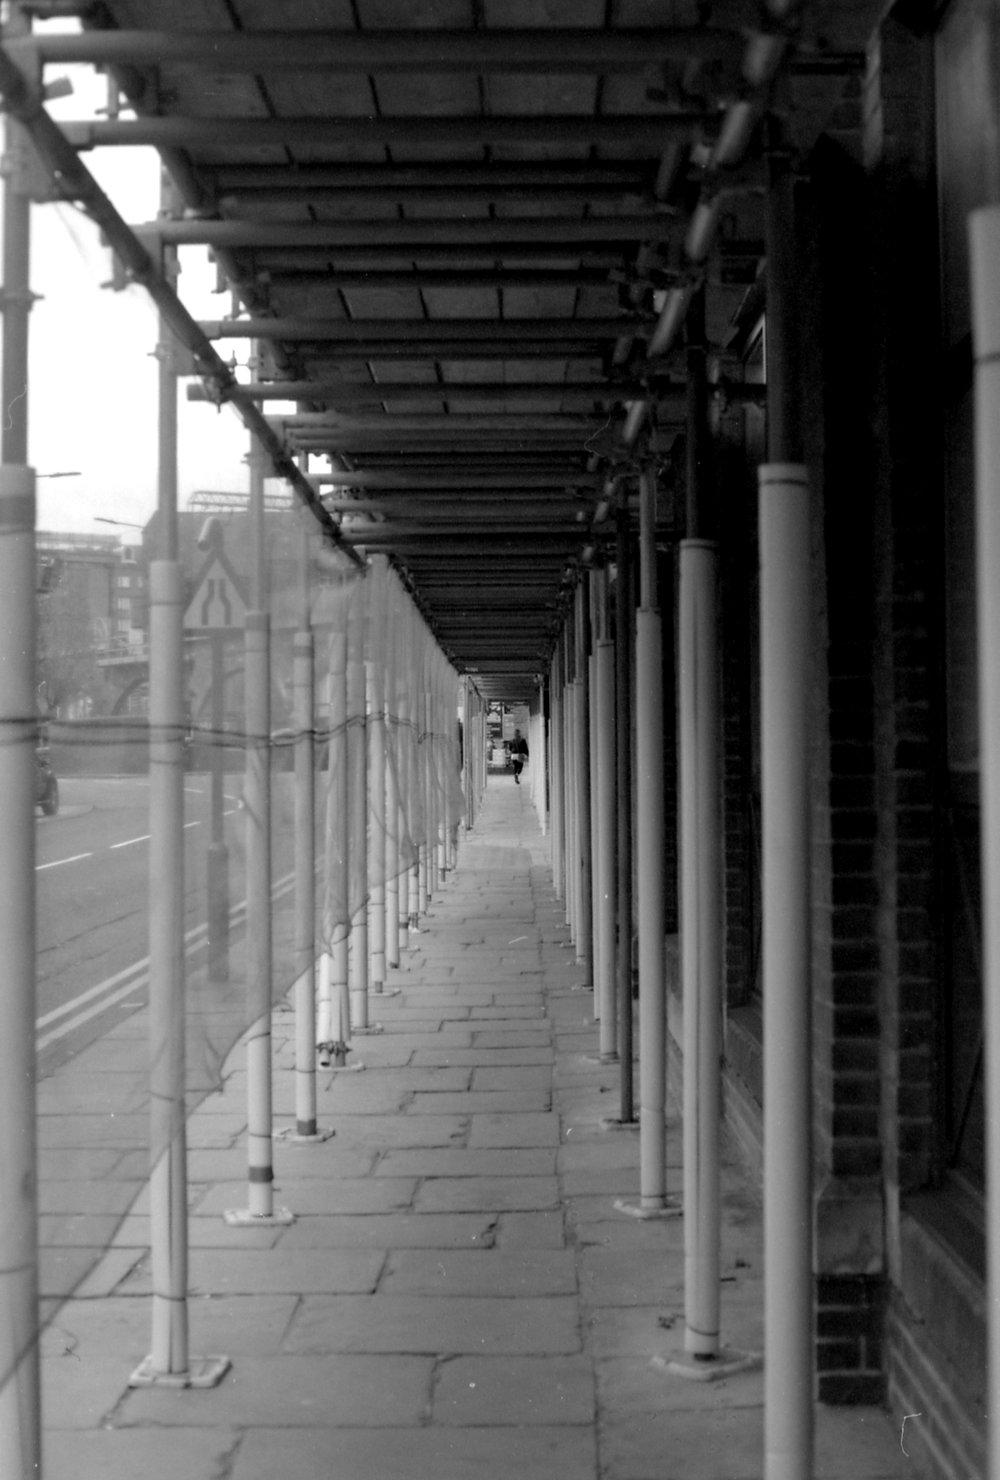 301/366 - Walking through some scaffolding and enjoying the framing.